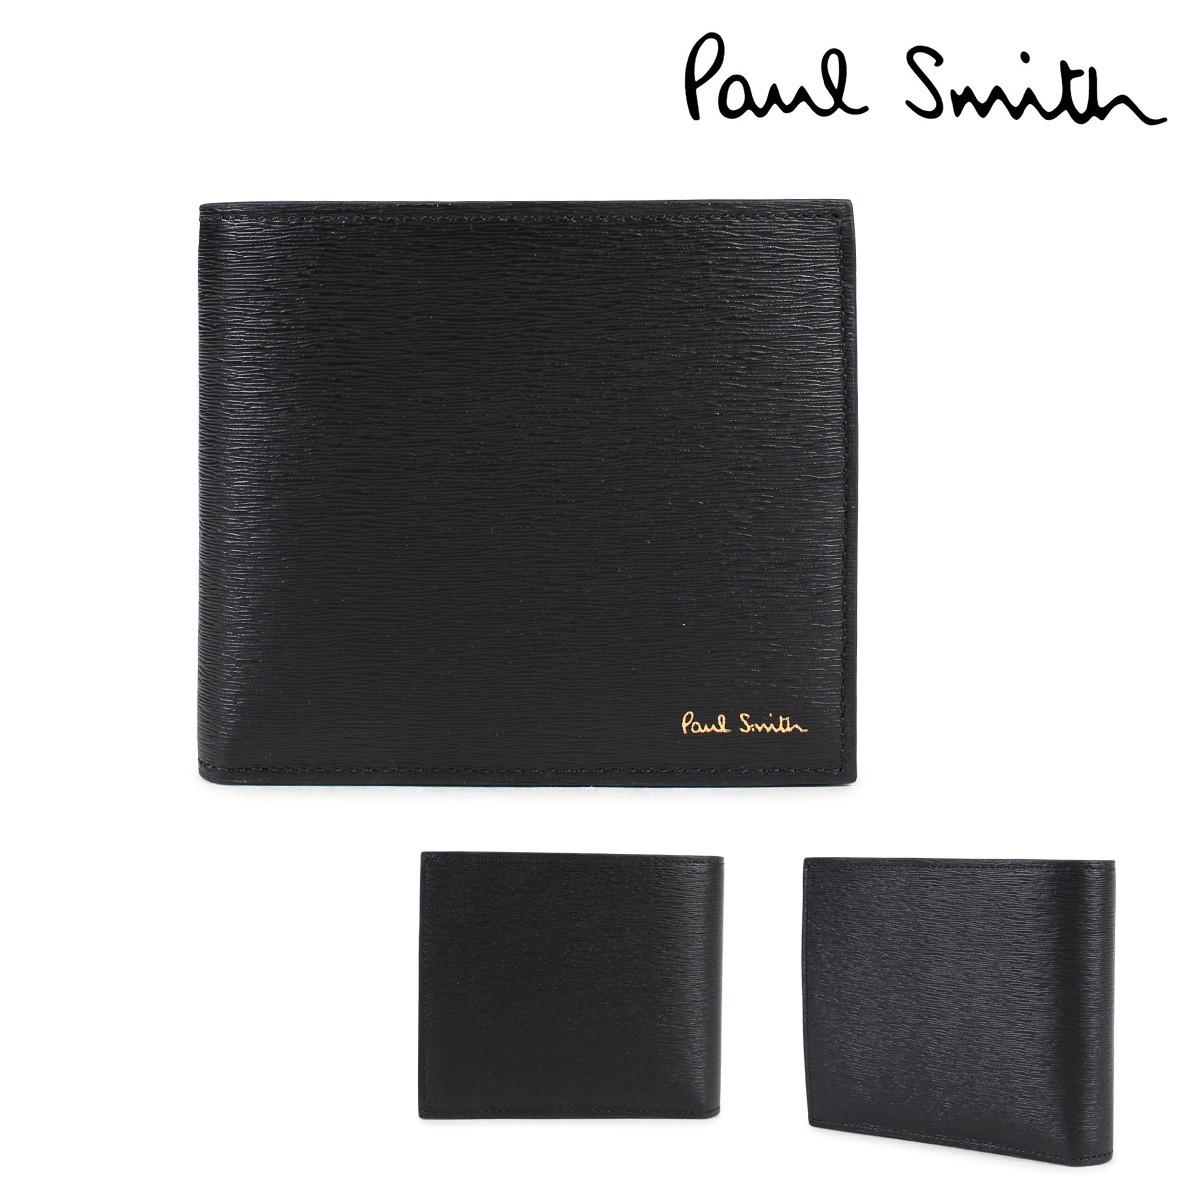 ポールスミス 財布 メンズ 二つ折り Paul Smith SMART WALLET レザー ブラック 4833 W905 79 [1/23 新入荷]